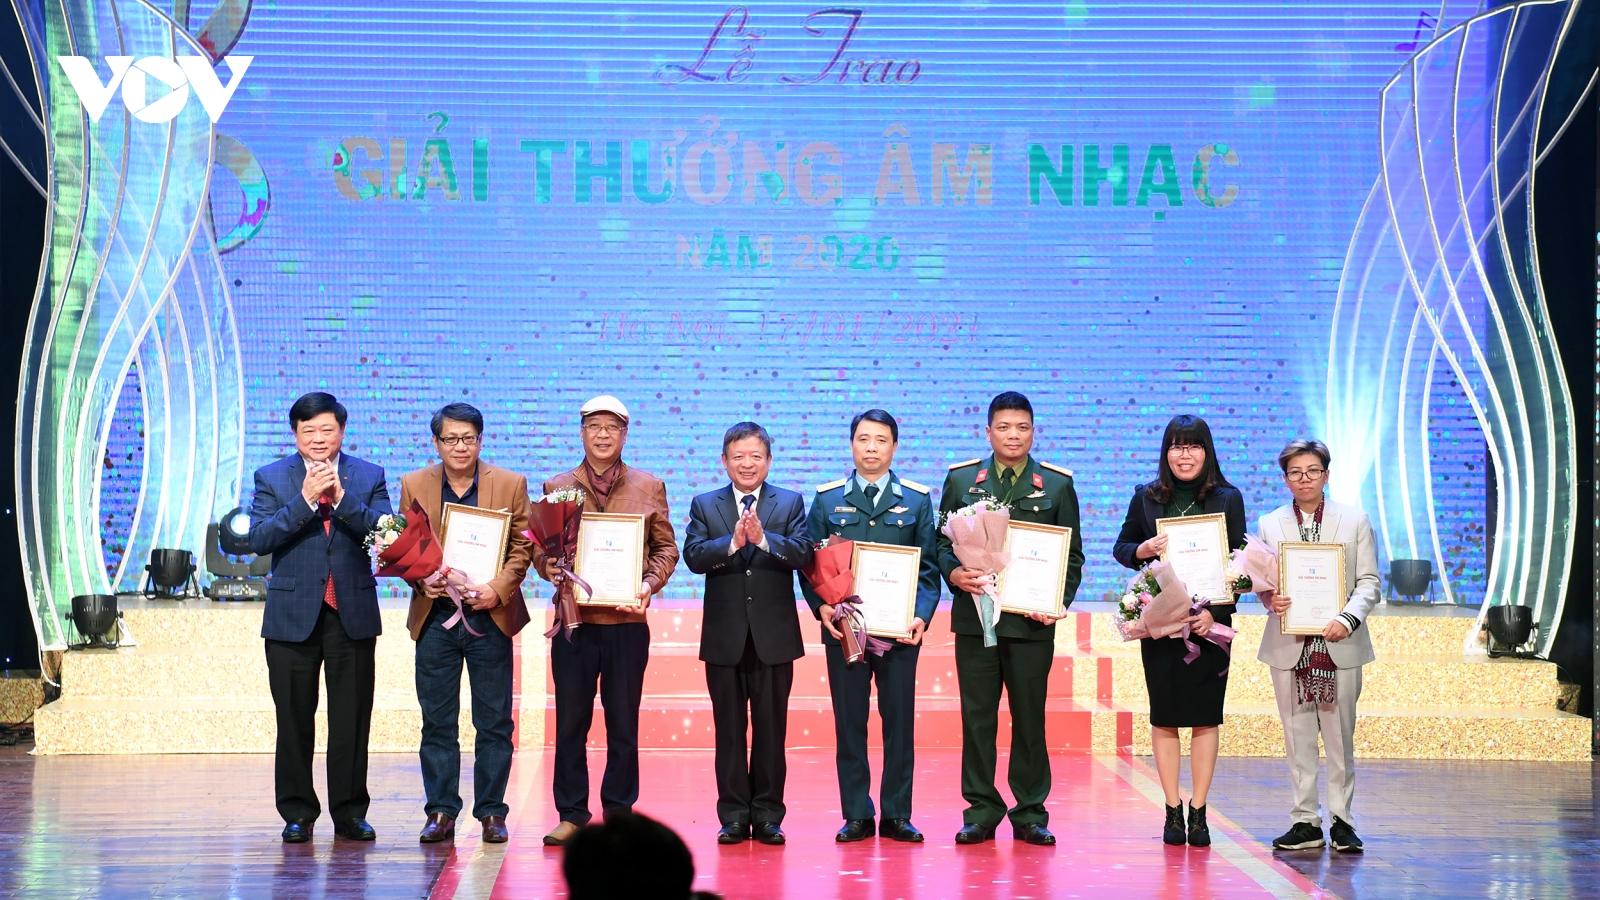 Hội Nhạc sĩ Việt Nam trao giải cho 78 công trình, tác phẩm xuất sắc